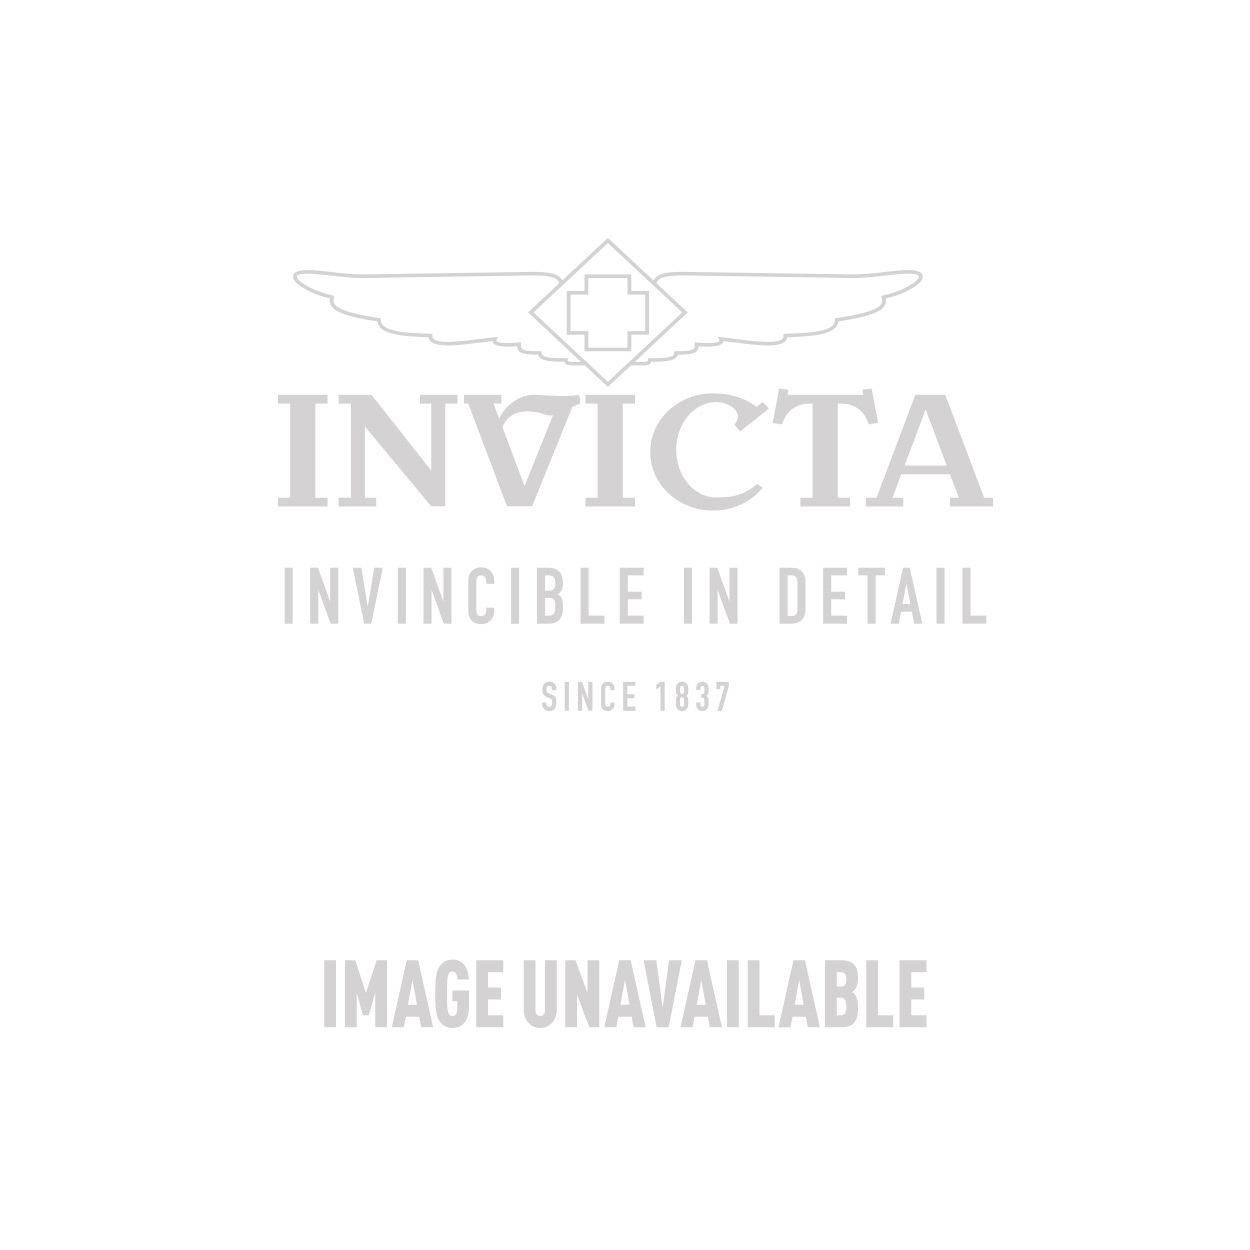 Invicta Model 24794